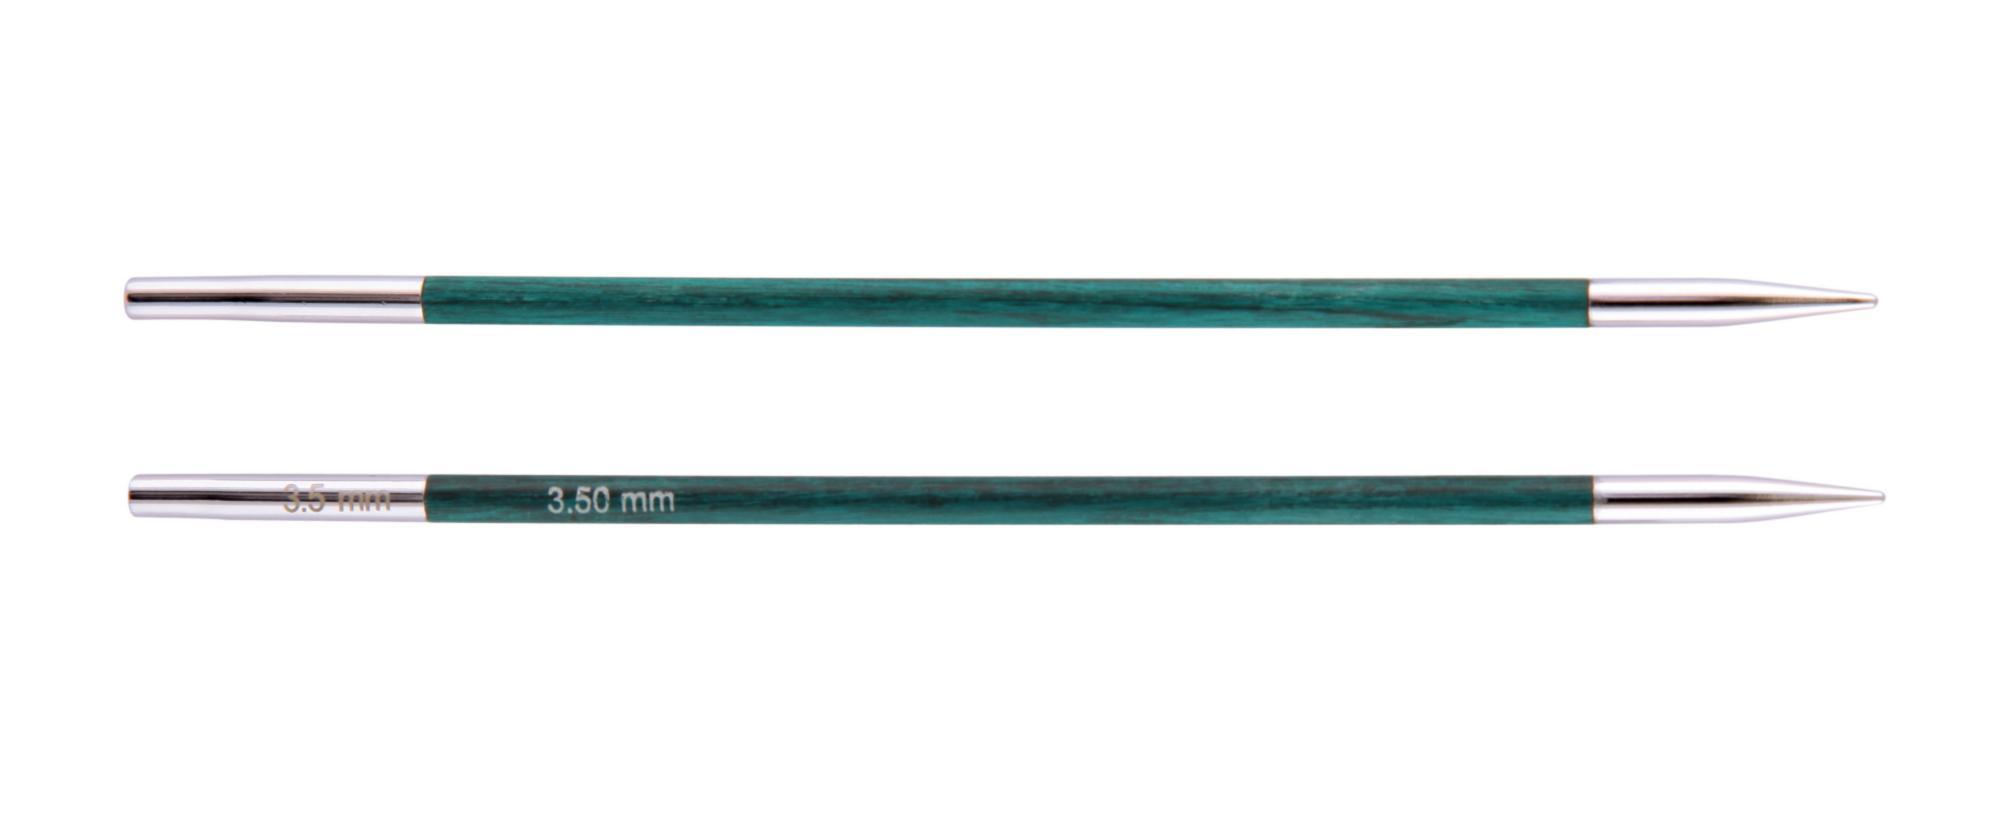 Спицы съемные короткие Royale KnitPro, 29273, 3.50 мм